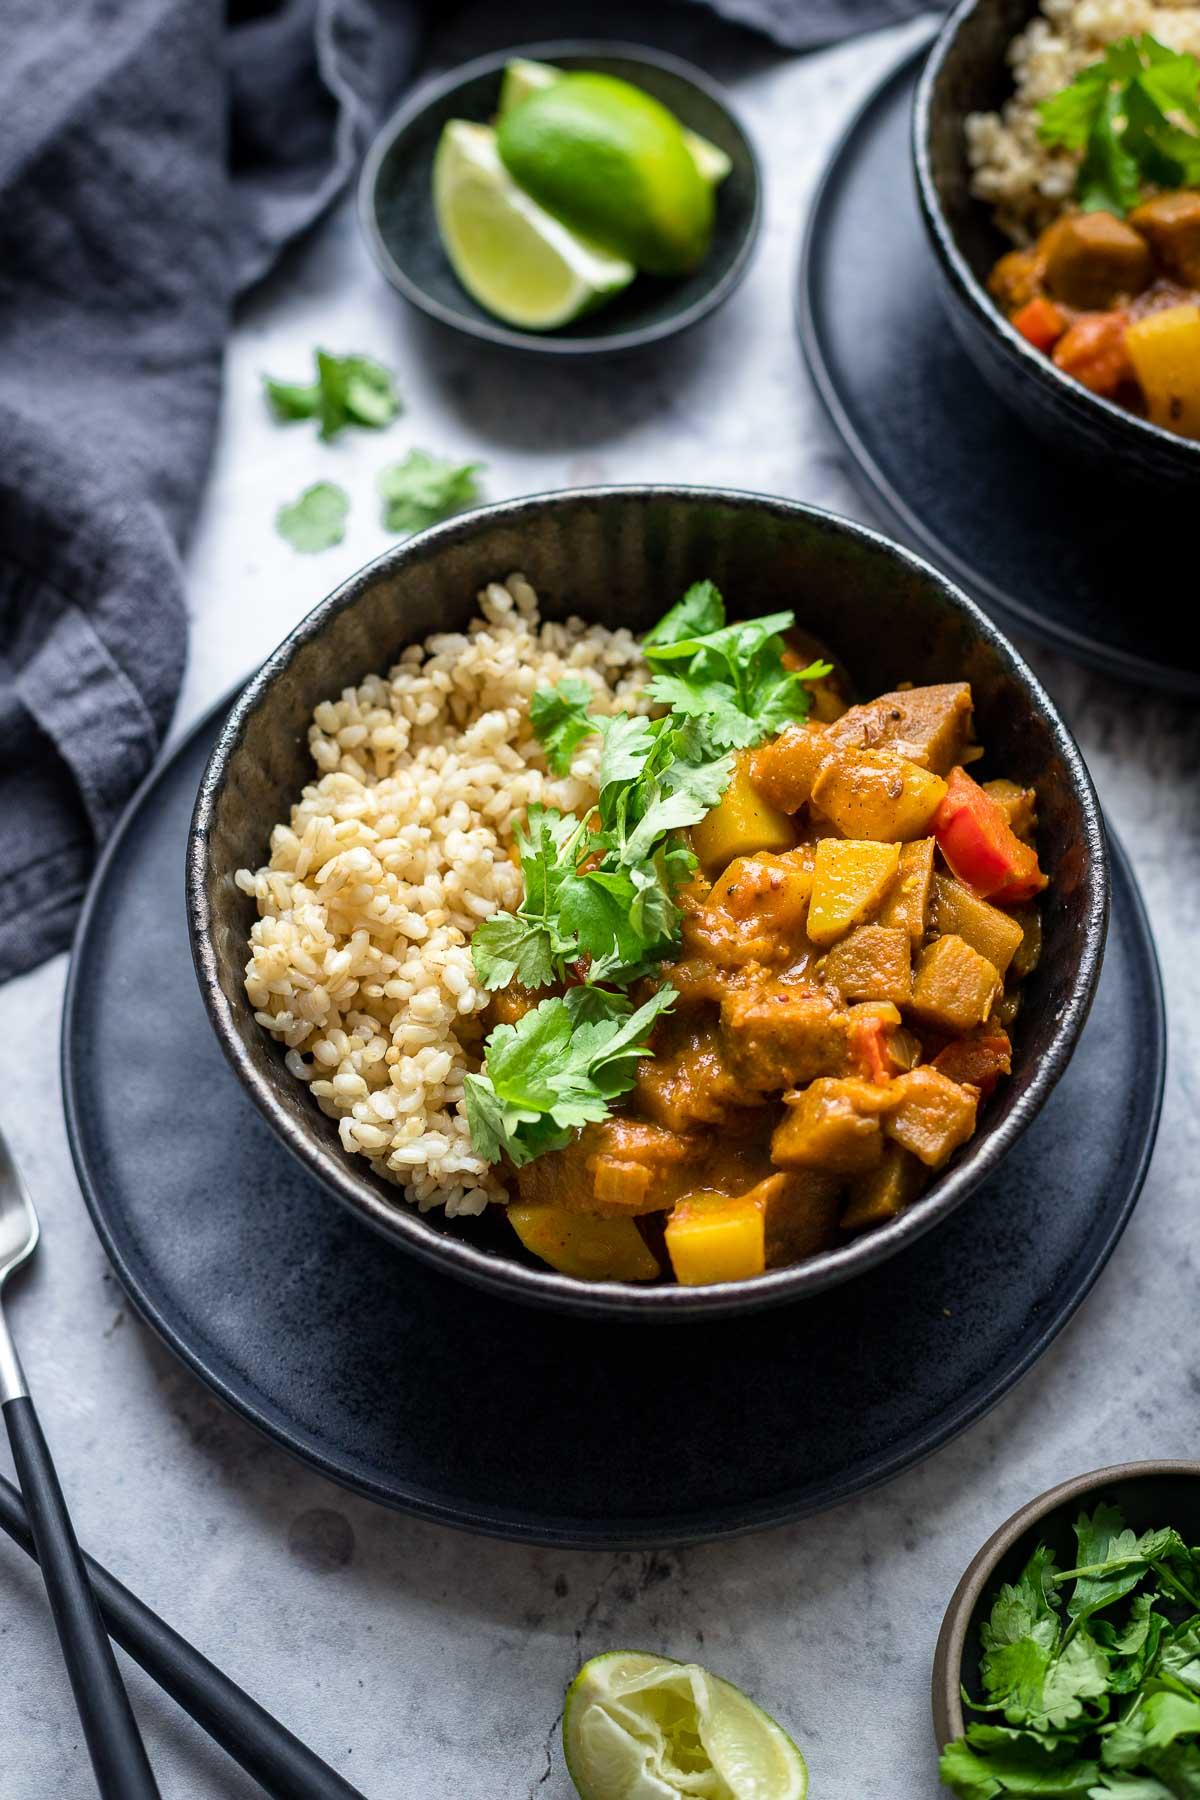 Indisches Auberginen Kartoffel Curry mit Tomaten und Kokosmilch Rezept, serviert mit Vollkornreis, Koriander und Limetten